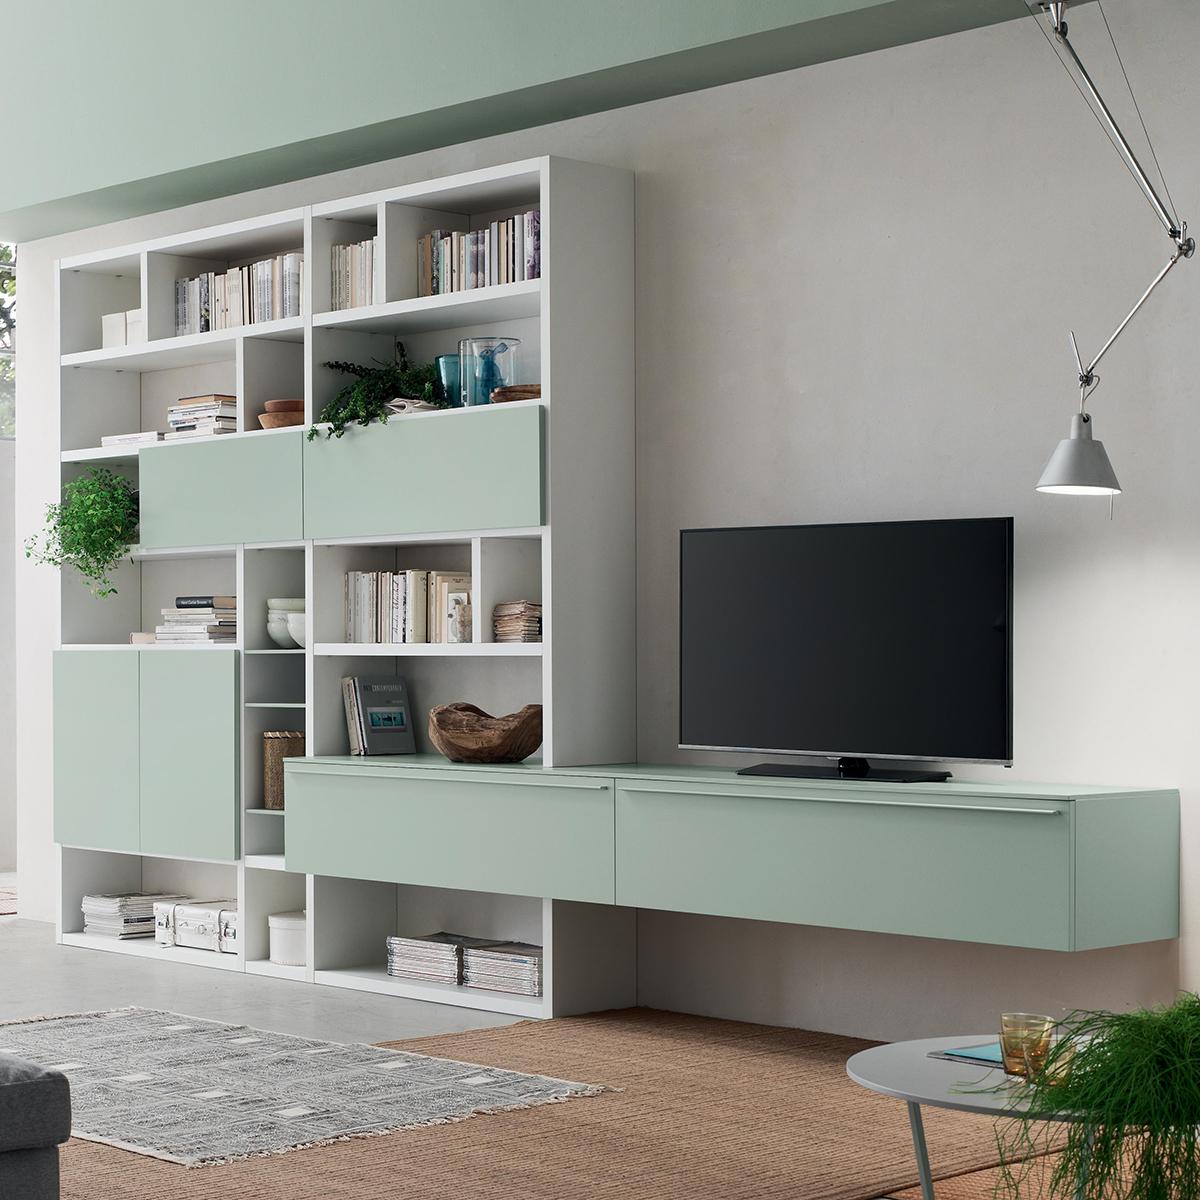 Best soggiorni moderni prezzi ideas home design for Mobili moderni occasioni